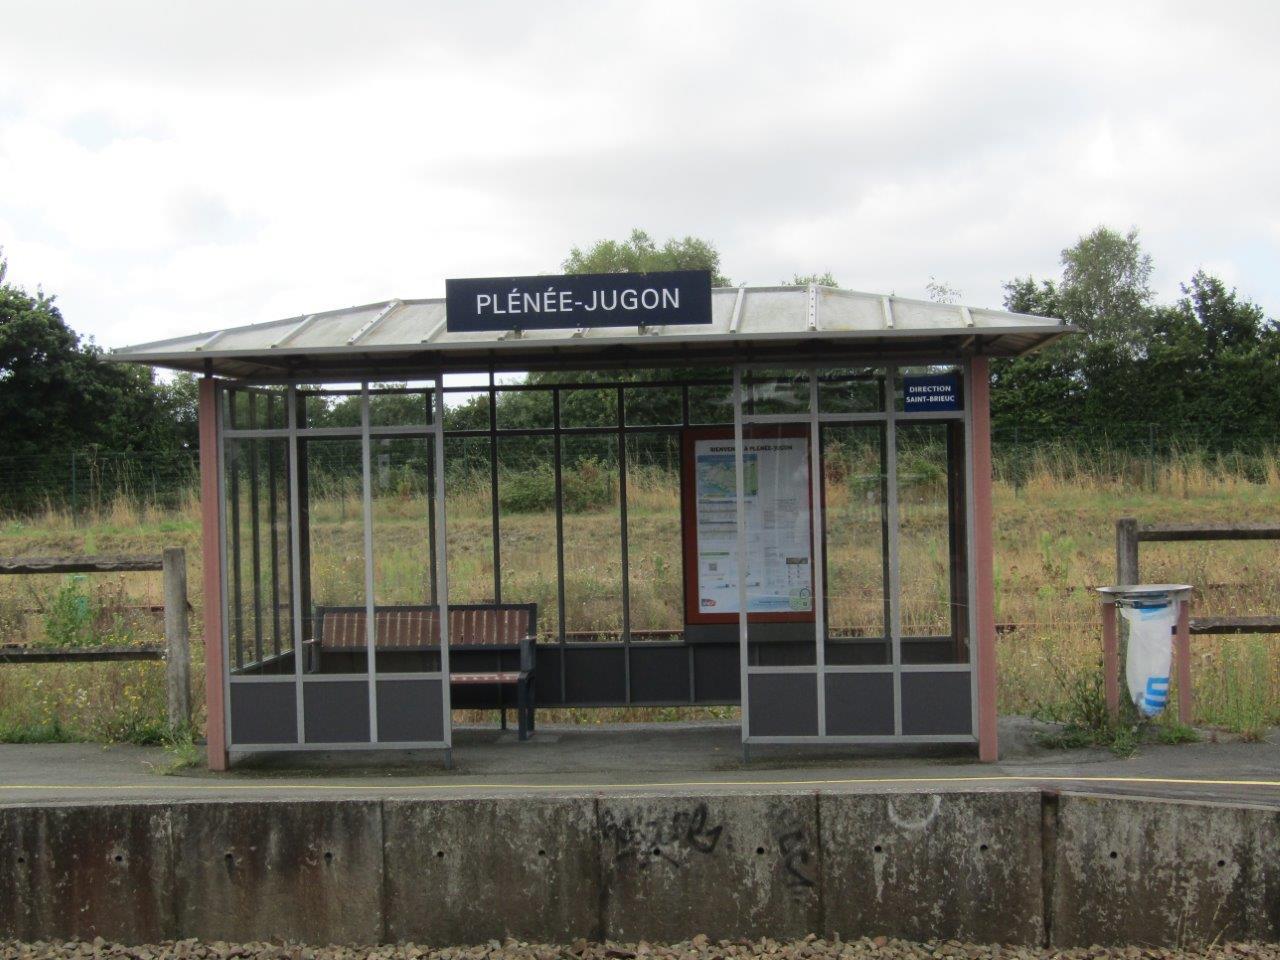 gare-de-plenee-jugon-train-station